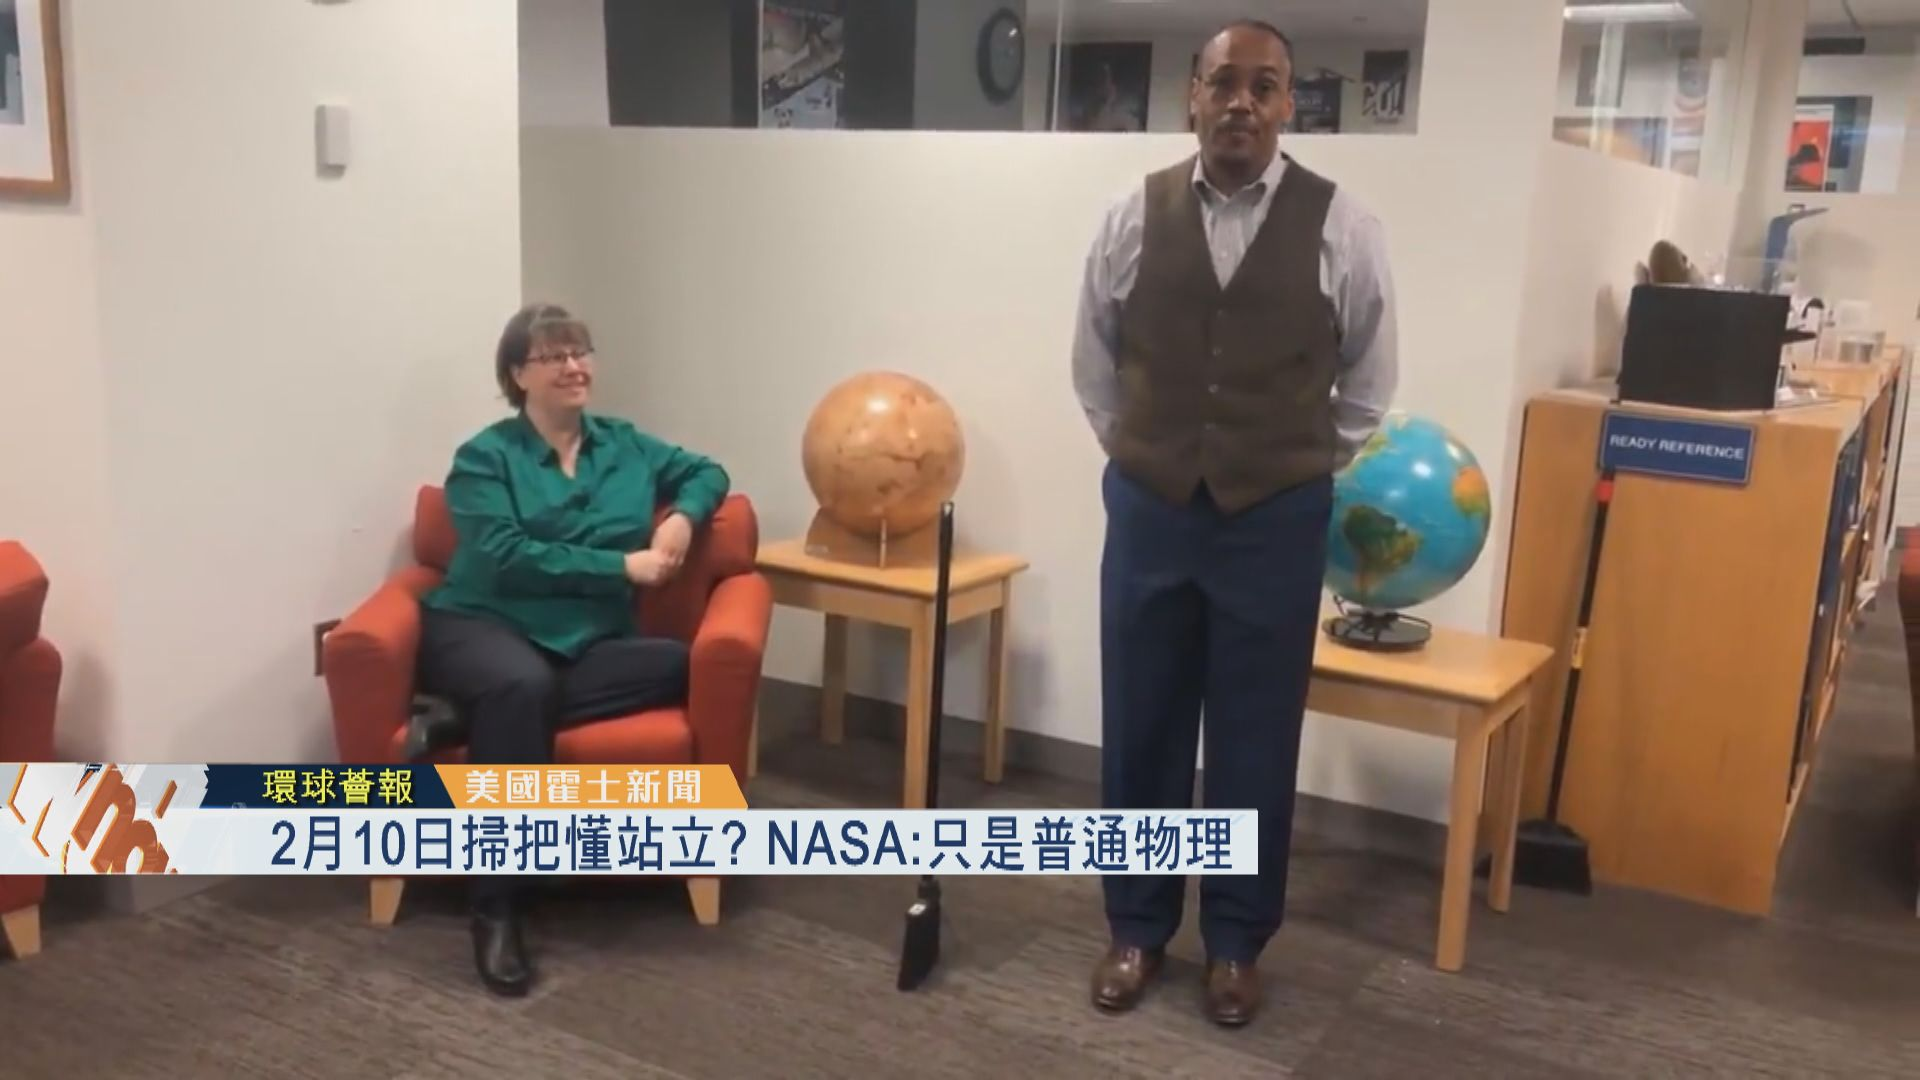 【環球薈報】2月10日掃把懂站立? NASA:只是普通物理